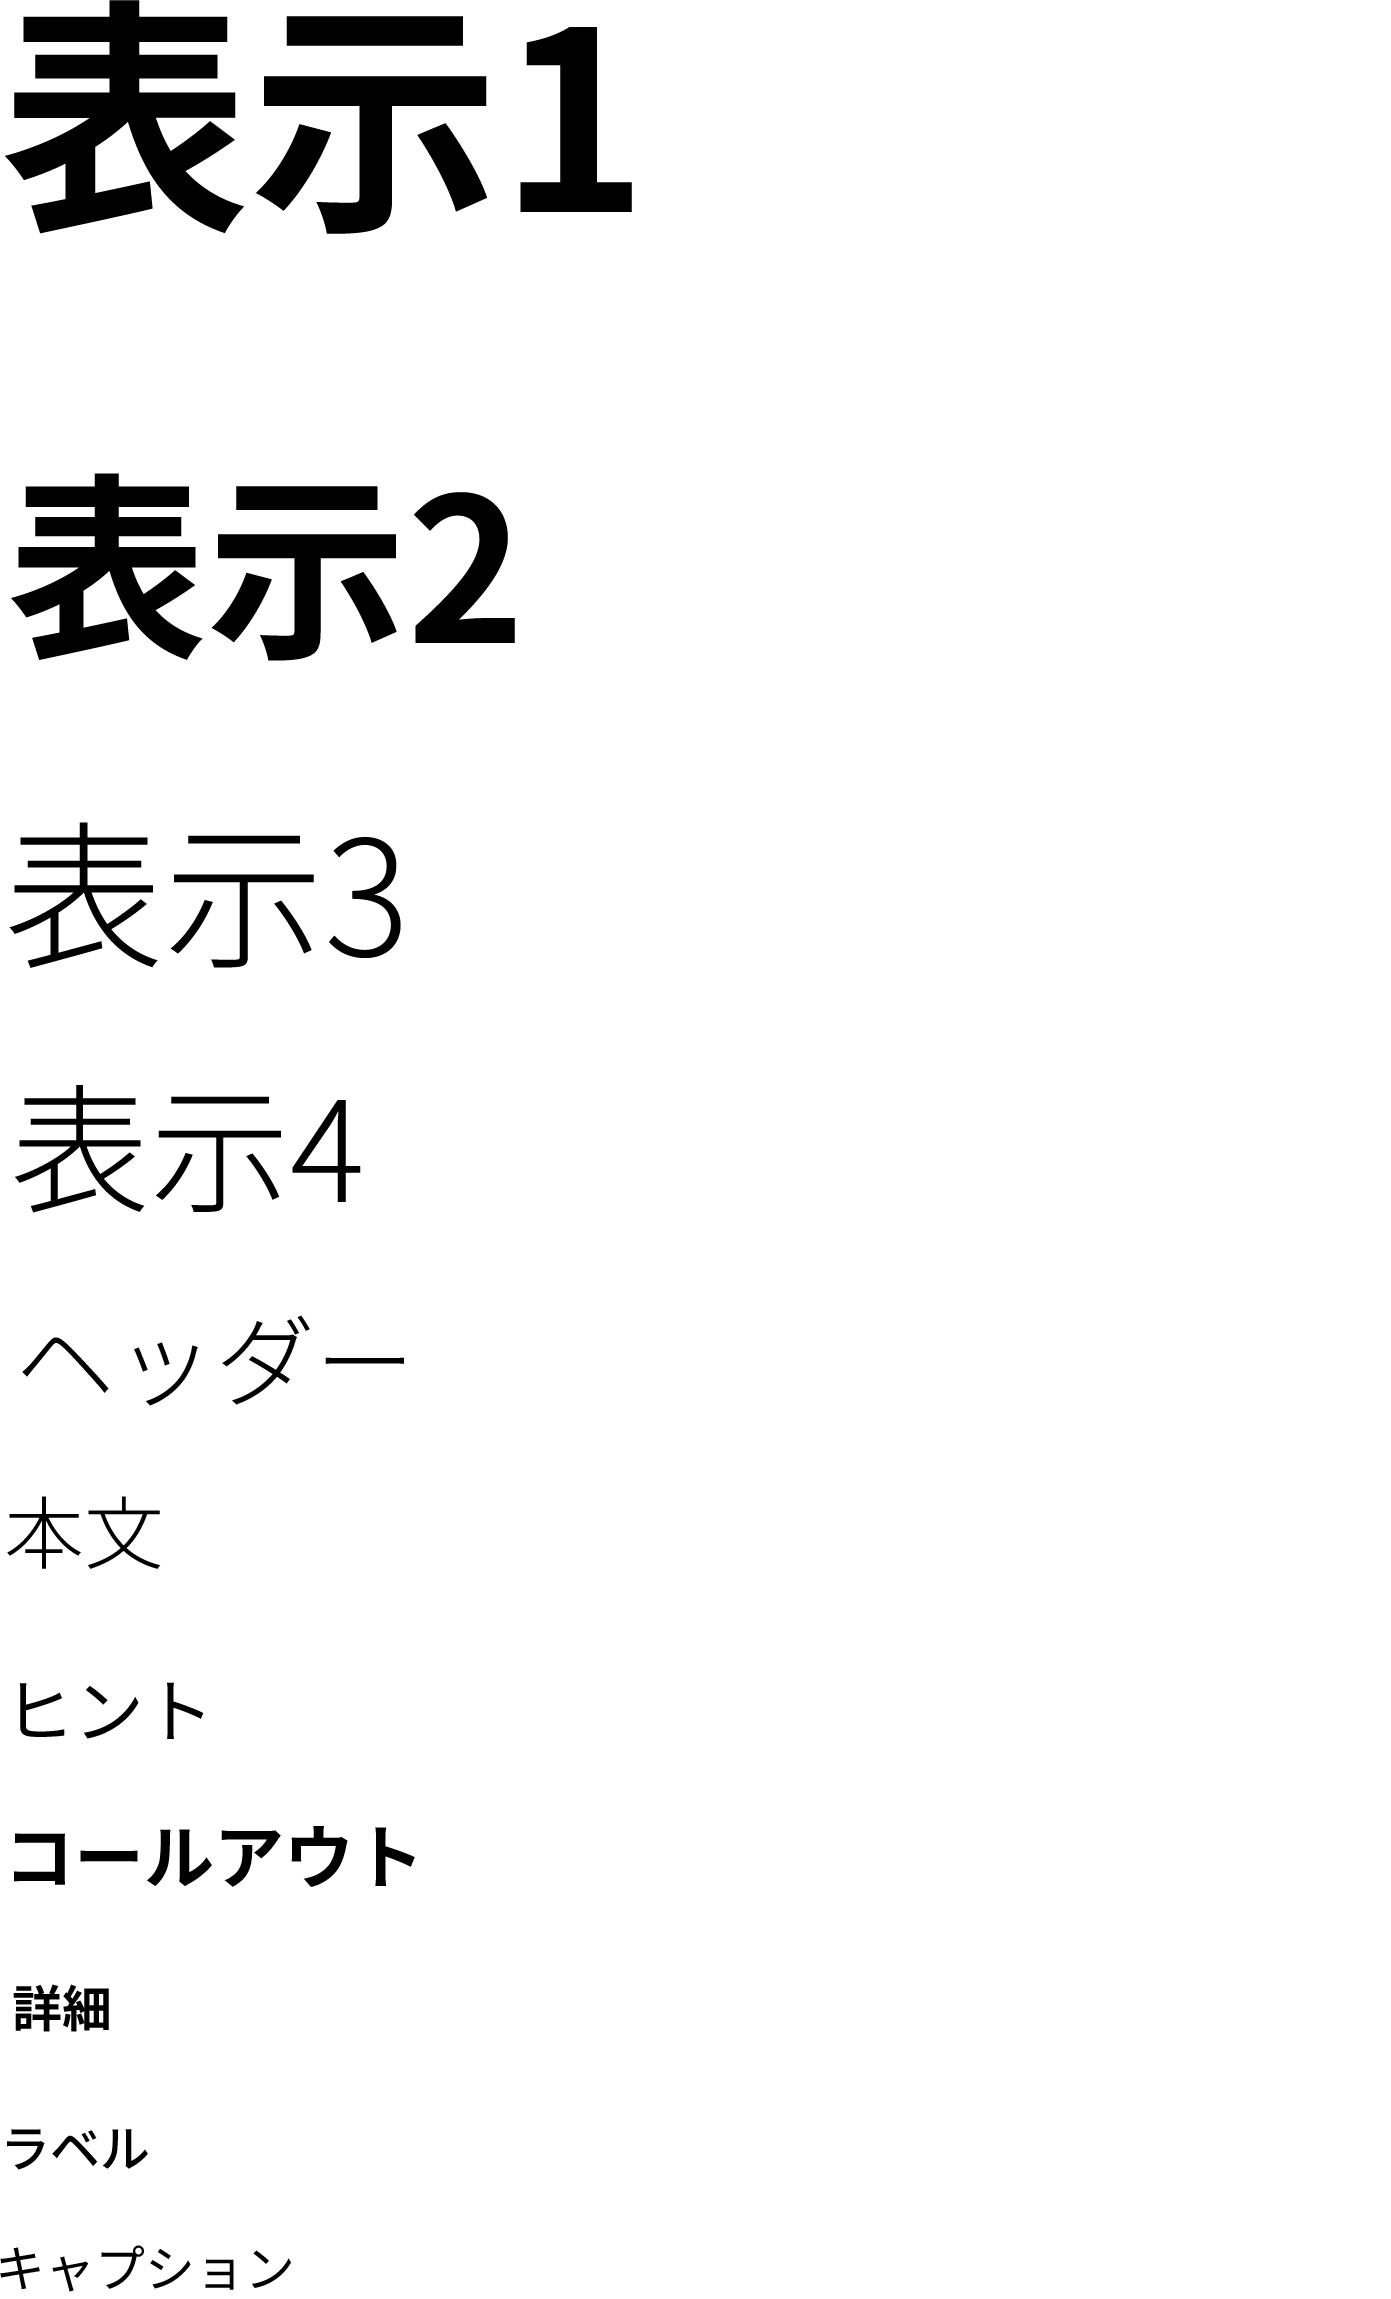 文字表現スタイルのリストは、上から下へ大きいものから小さいものへ、Noto Sans CJKフォントテキストで表示されます。